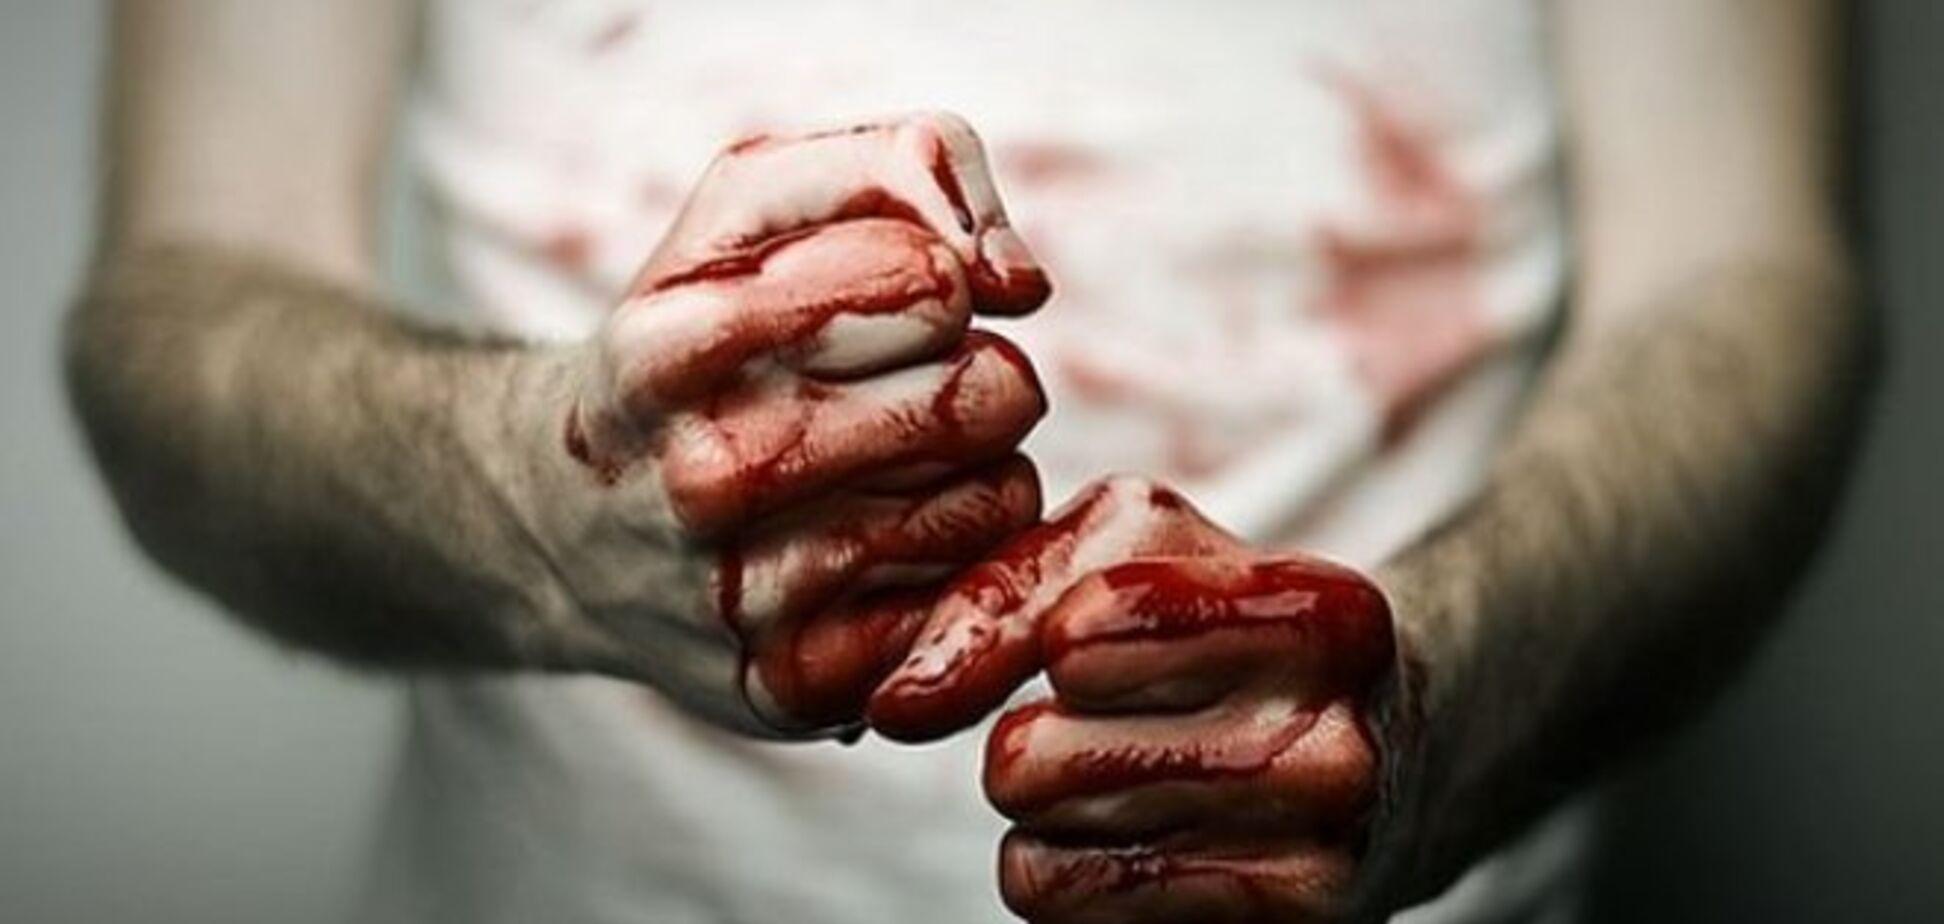 Шестеро на одного: в Петербурзі до смерті забили українця